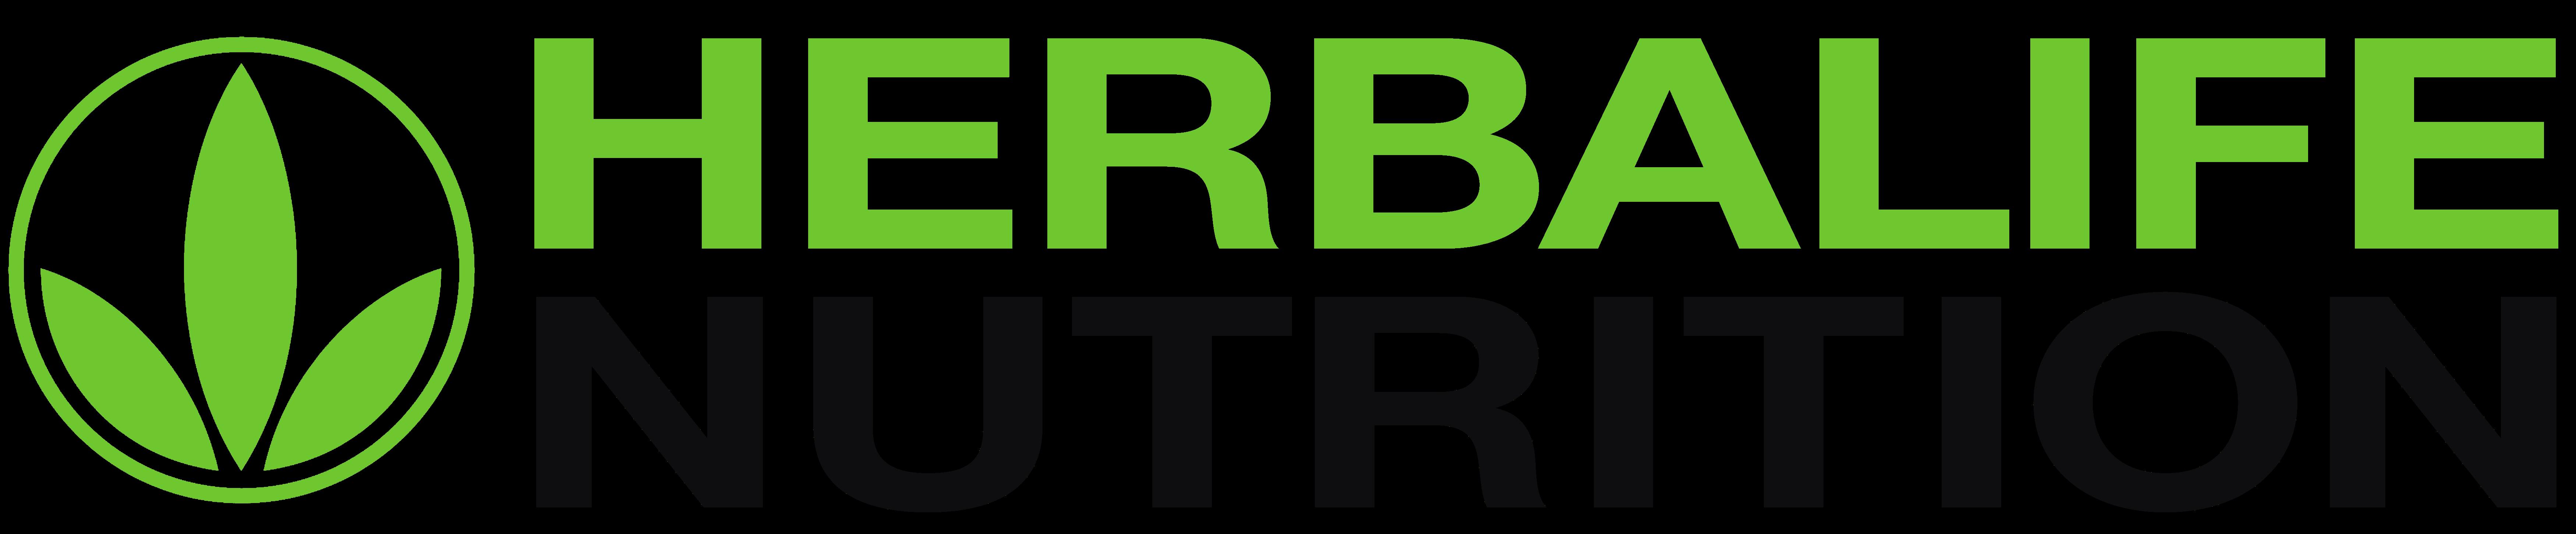 Herbalife Logo & Free Herbalife Logo.png Transparent ... - Black Herbalife Logo